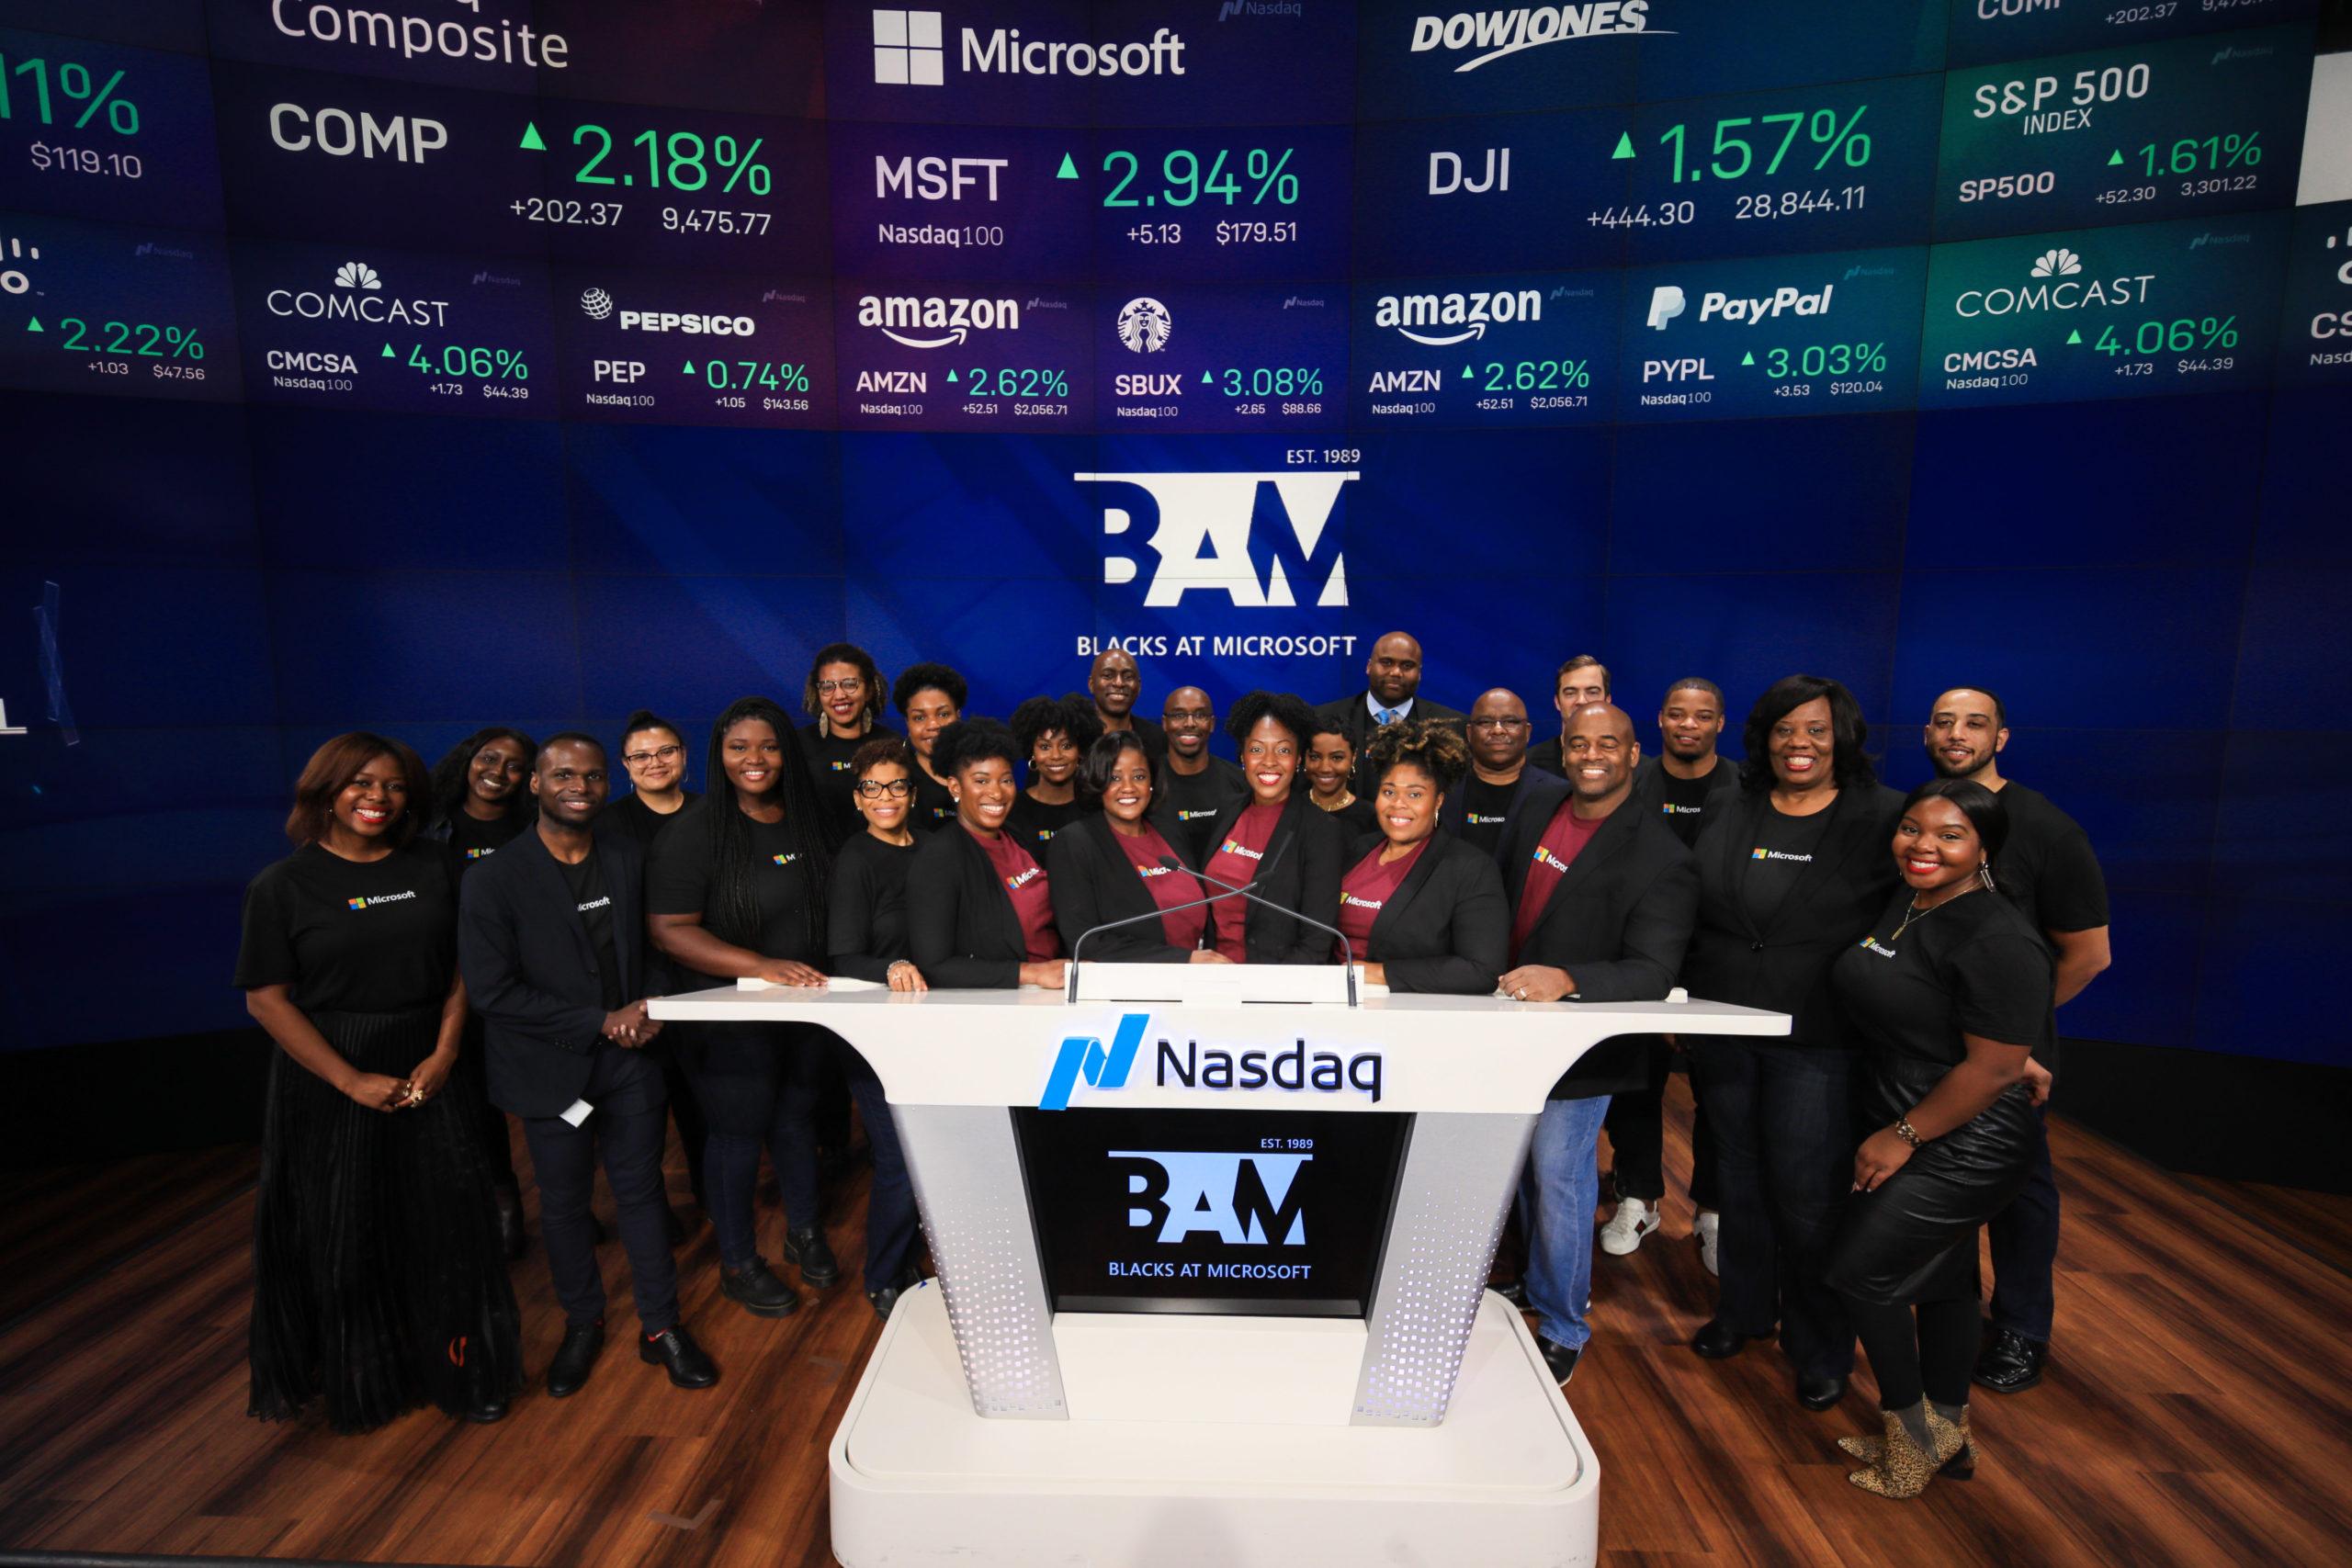 Blacks at Microsoft group shot at NASDAQ